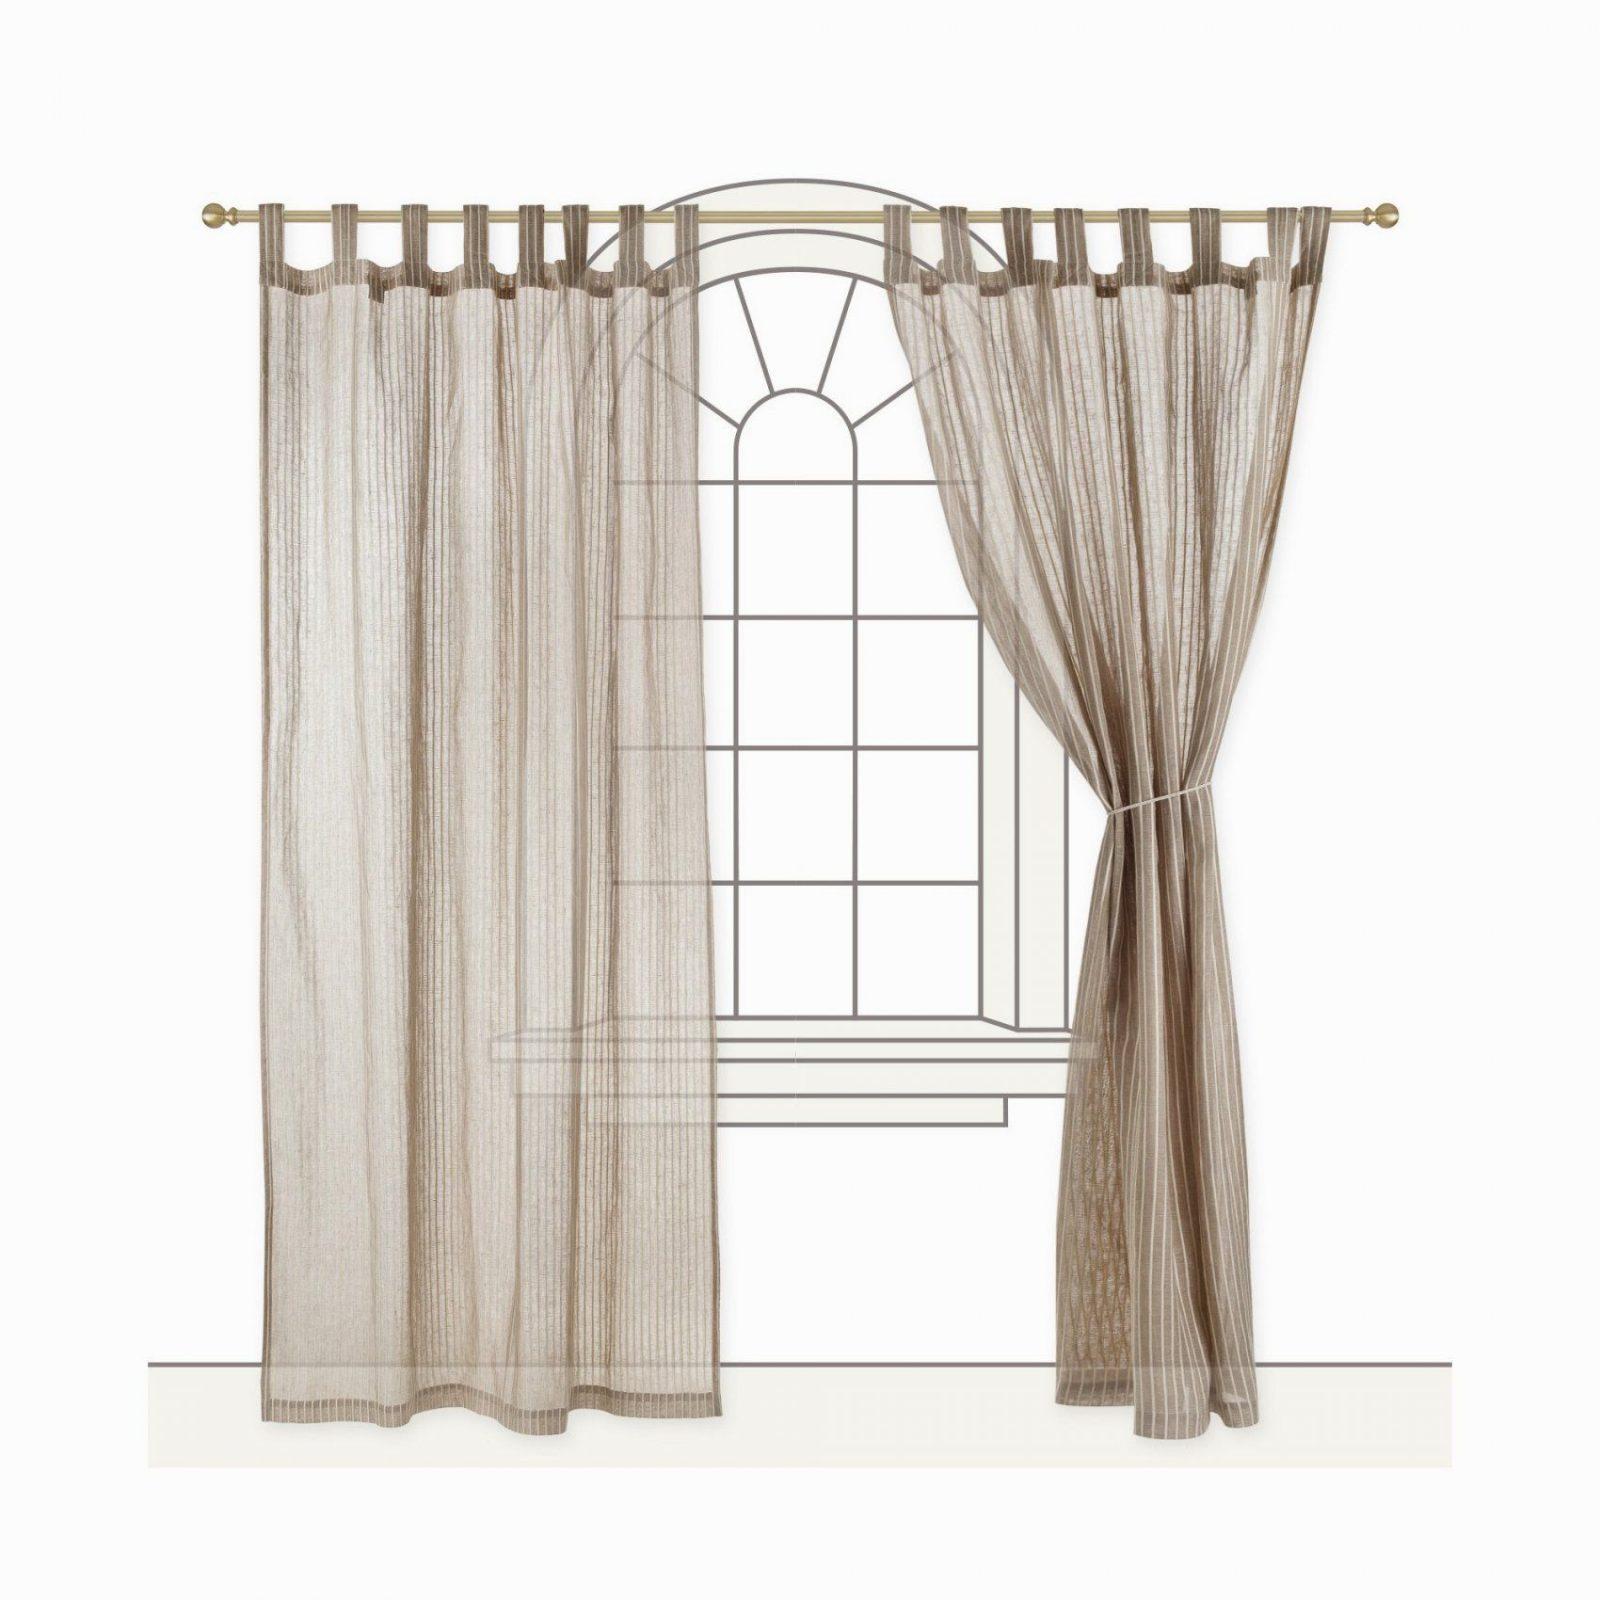 Nett Vorhang Baumwolle Spitze Frisch Romantisch Seitenschal Cotton von Leinen Gardinen Mit Spitze Photo